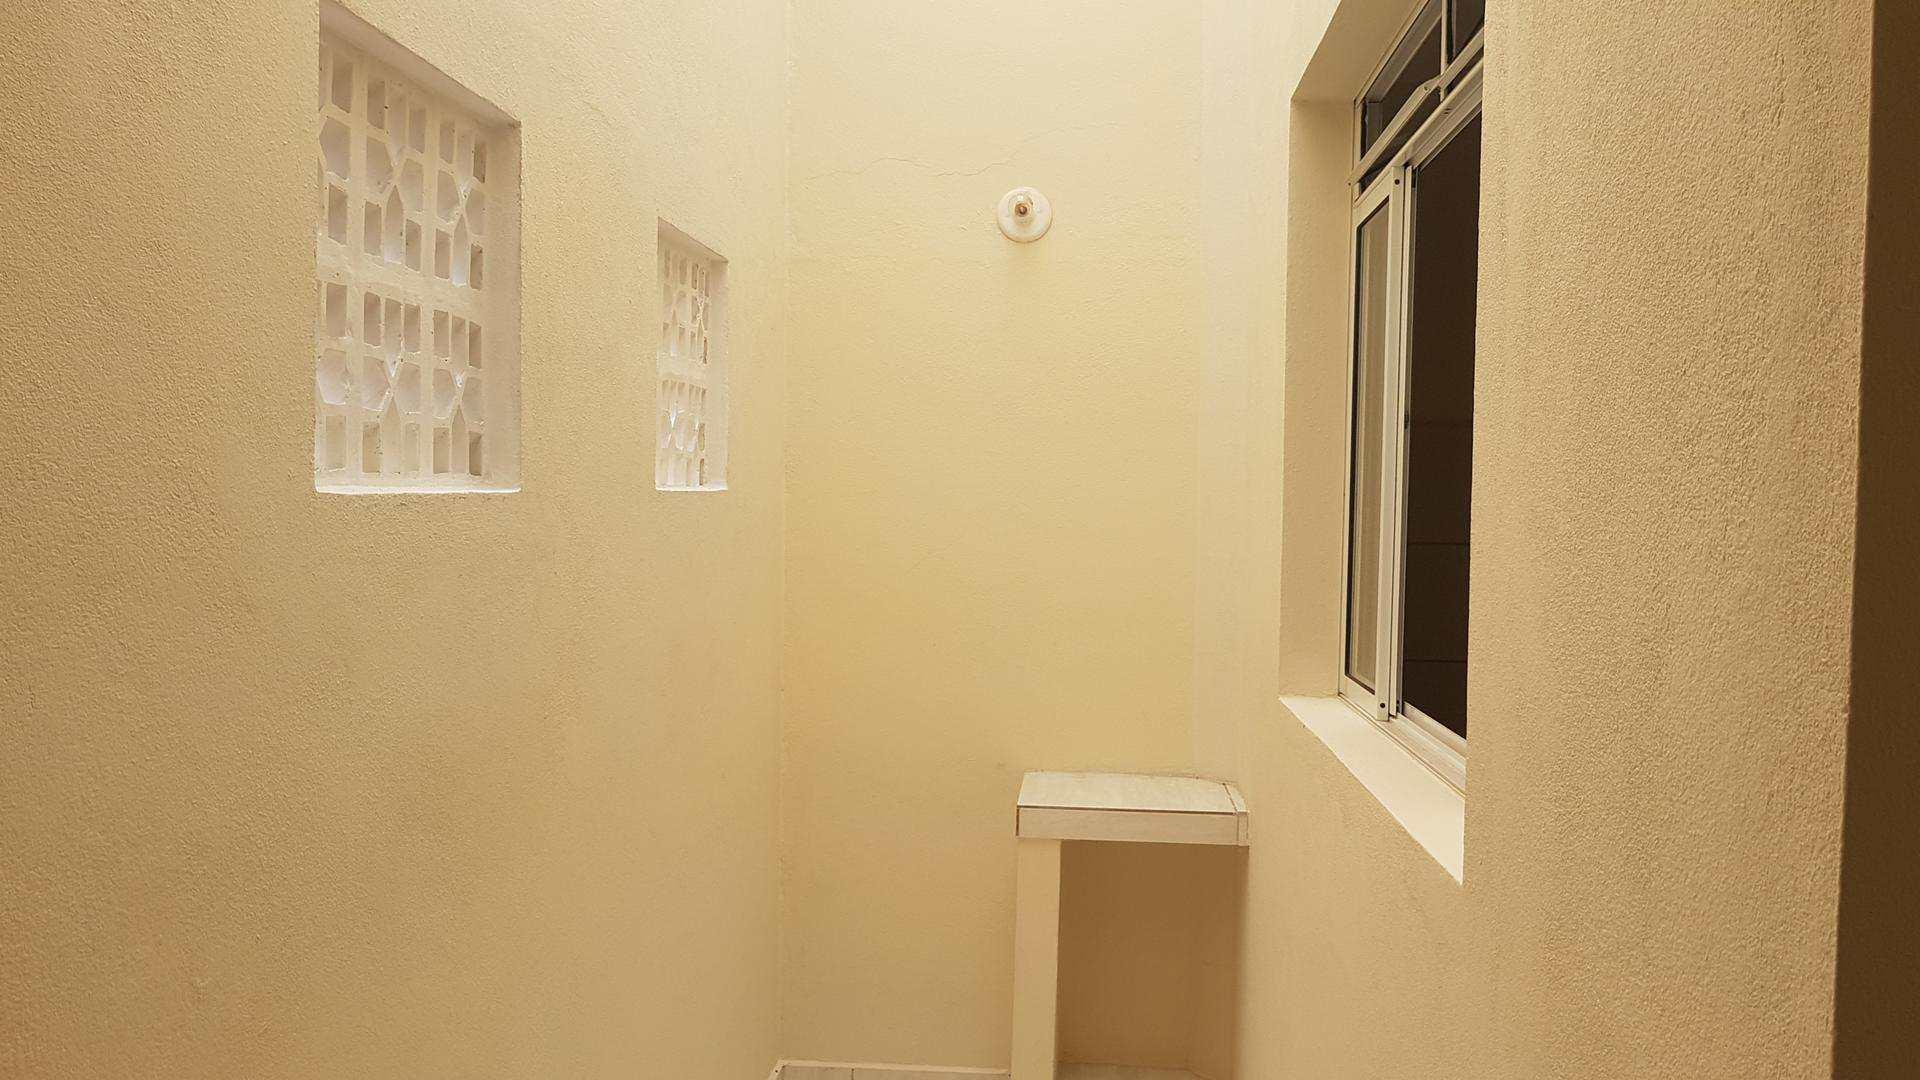 Apartamento com 1 dorm, Jardim das Palmeiras, Itapecerica da Serra, Cod: 452